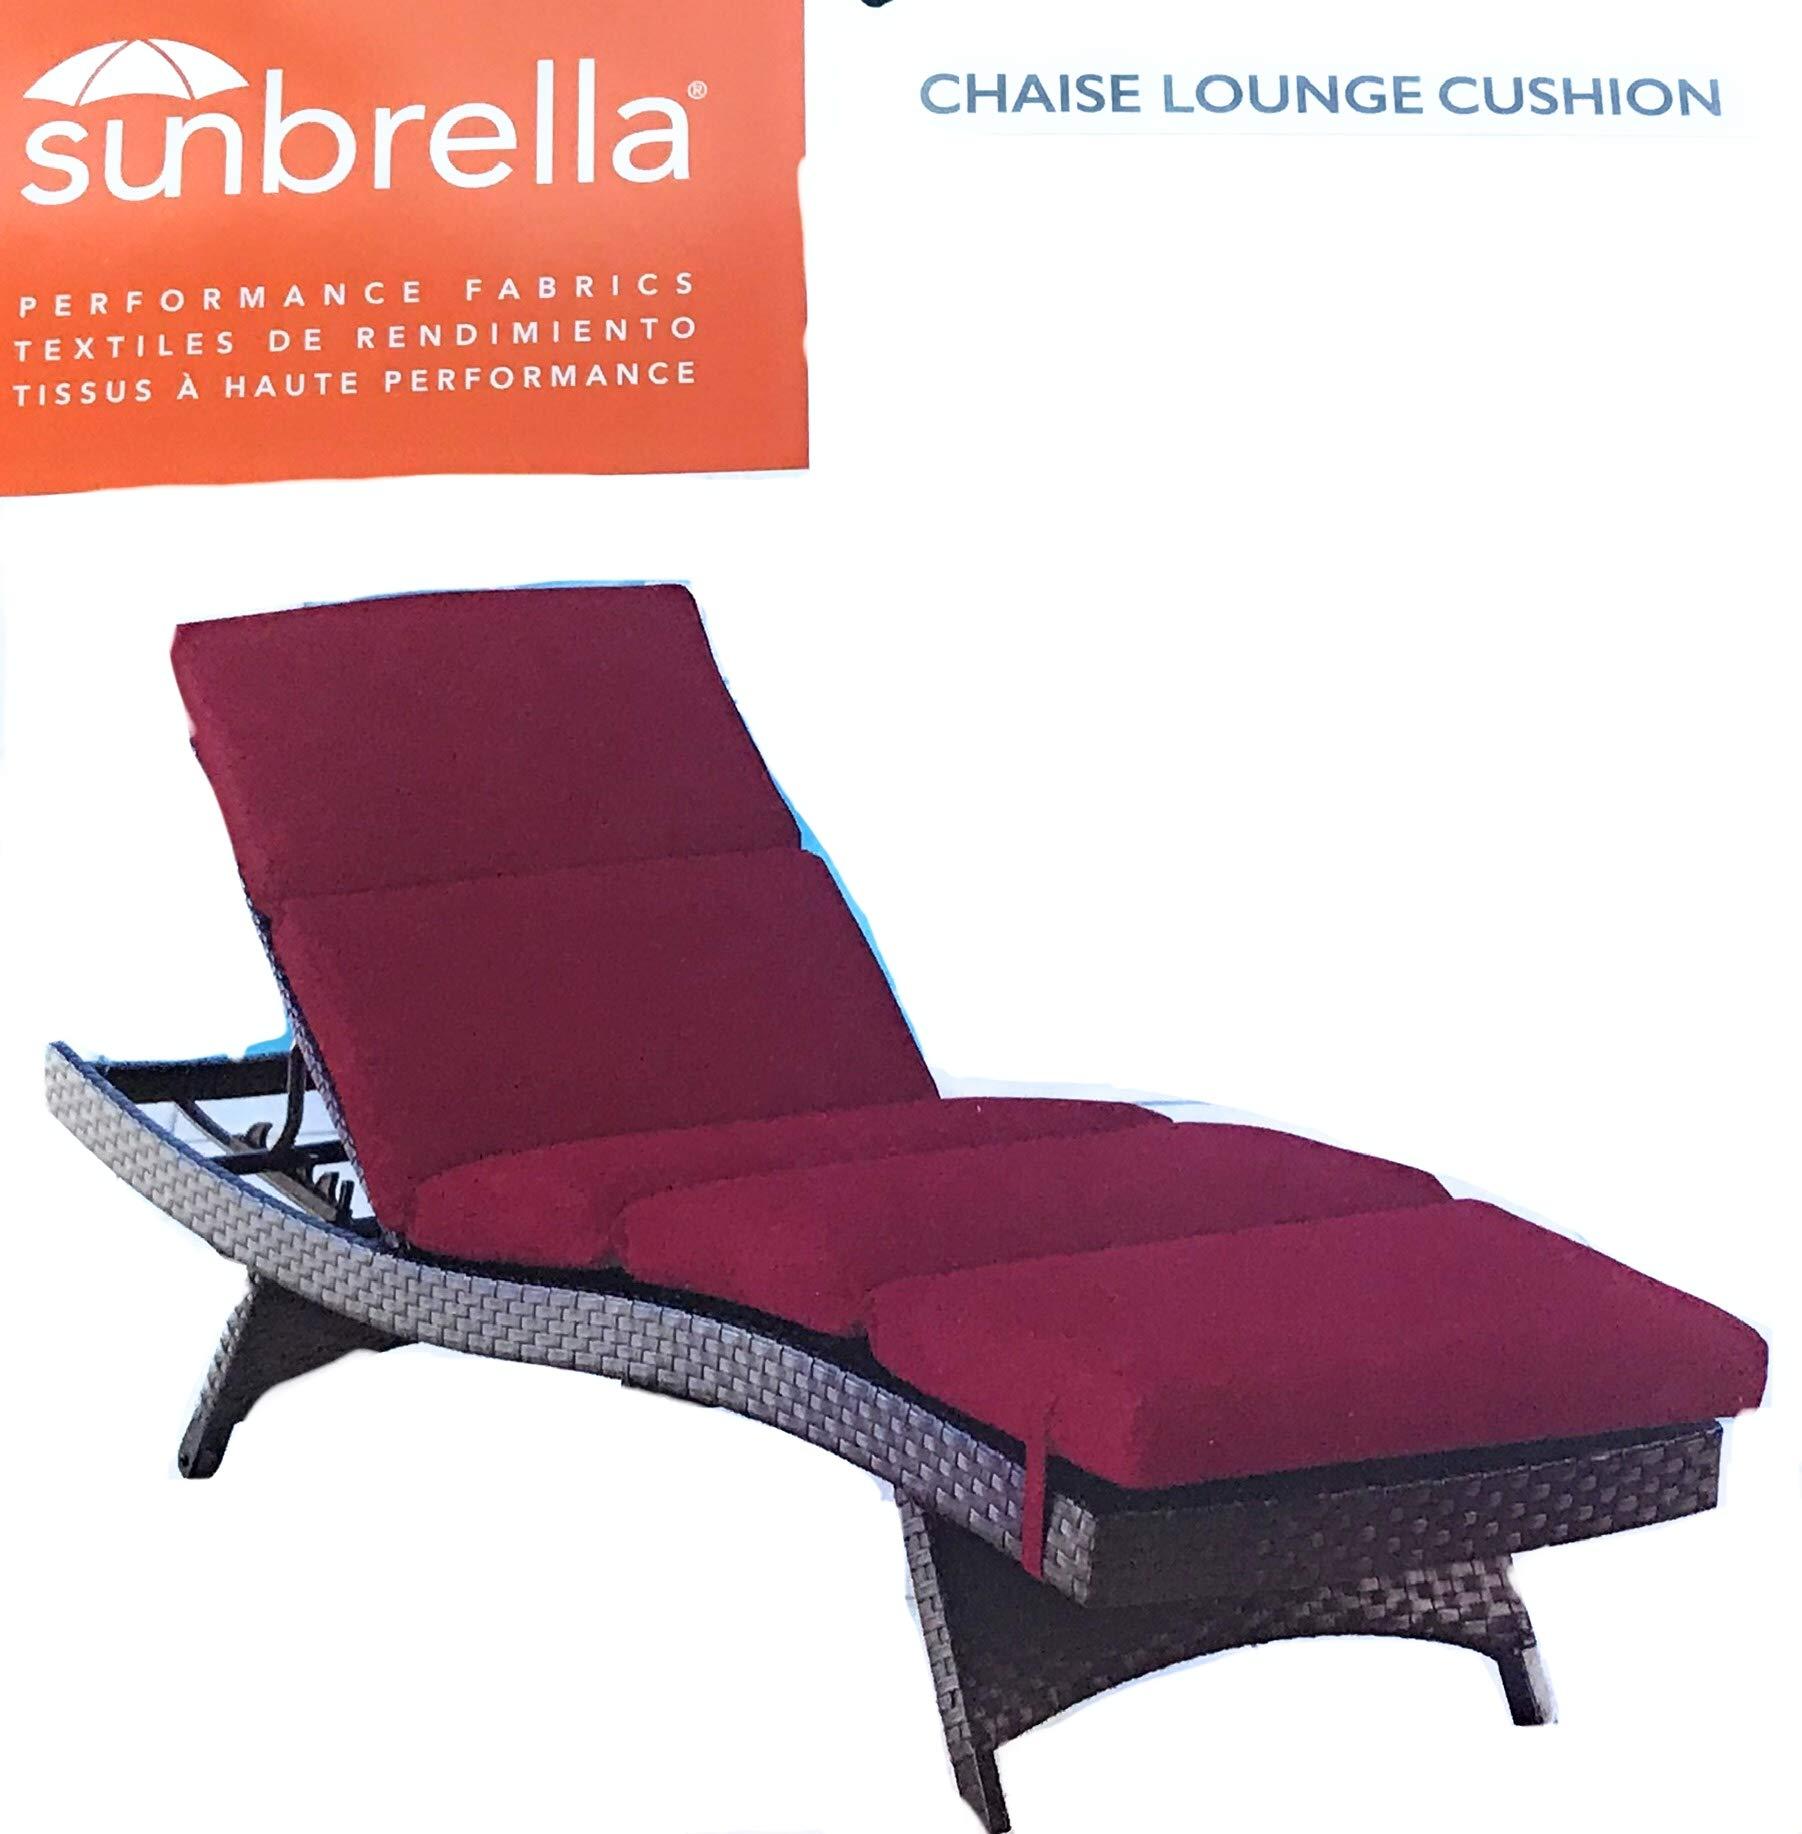 Sunbrella 75x25 Red Chaise Lounge Cushion